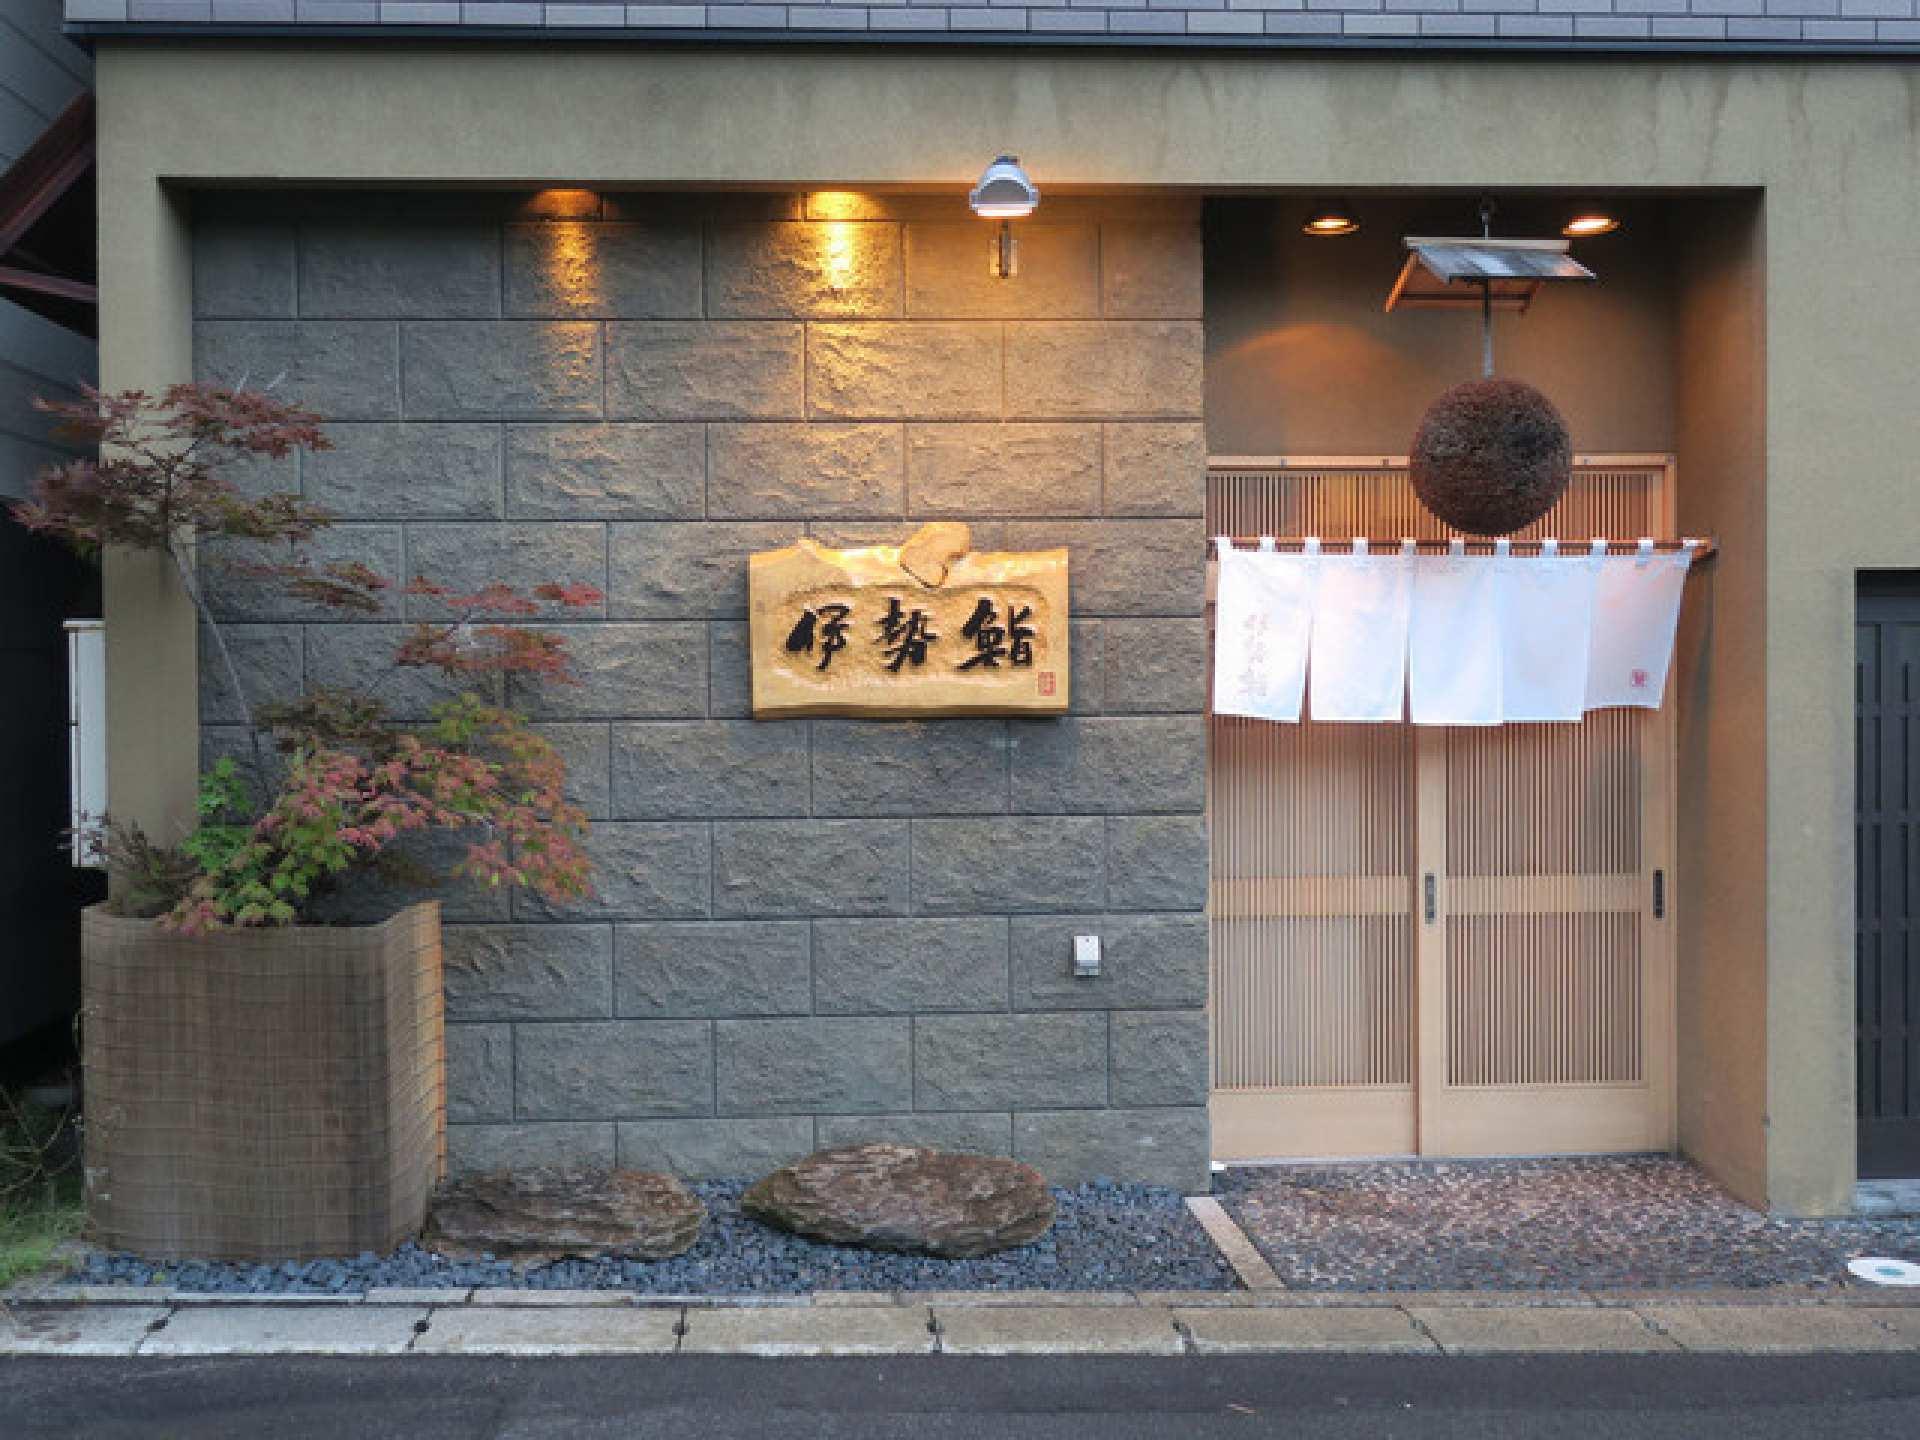 【北海道米其林餐廳】壽司名店 - 伊勢鮨